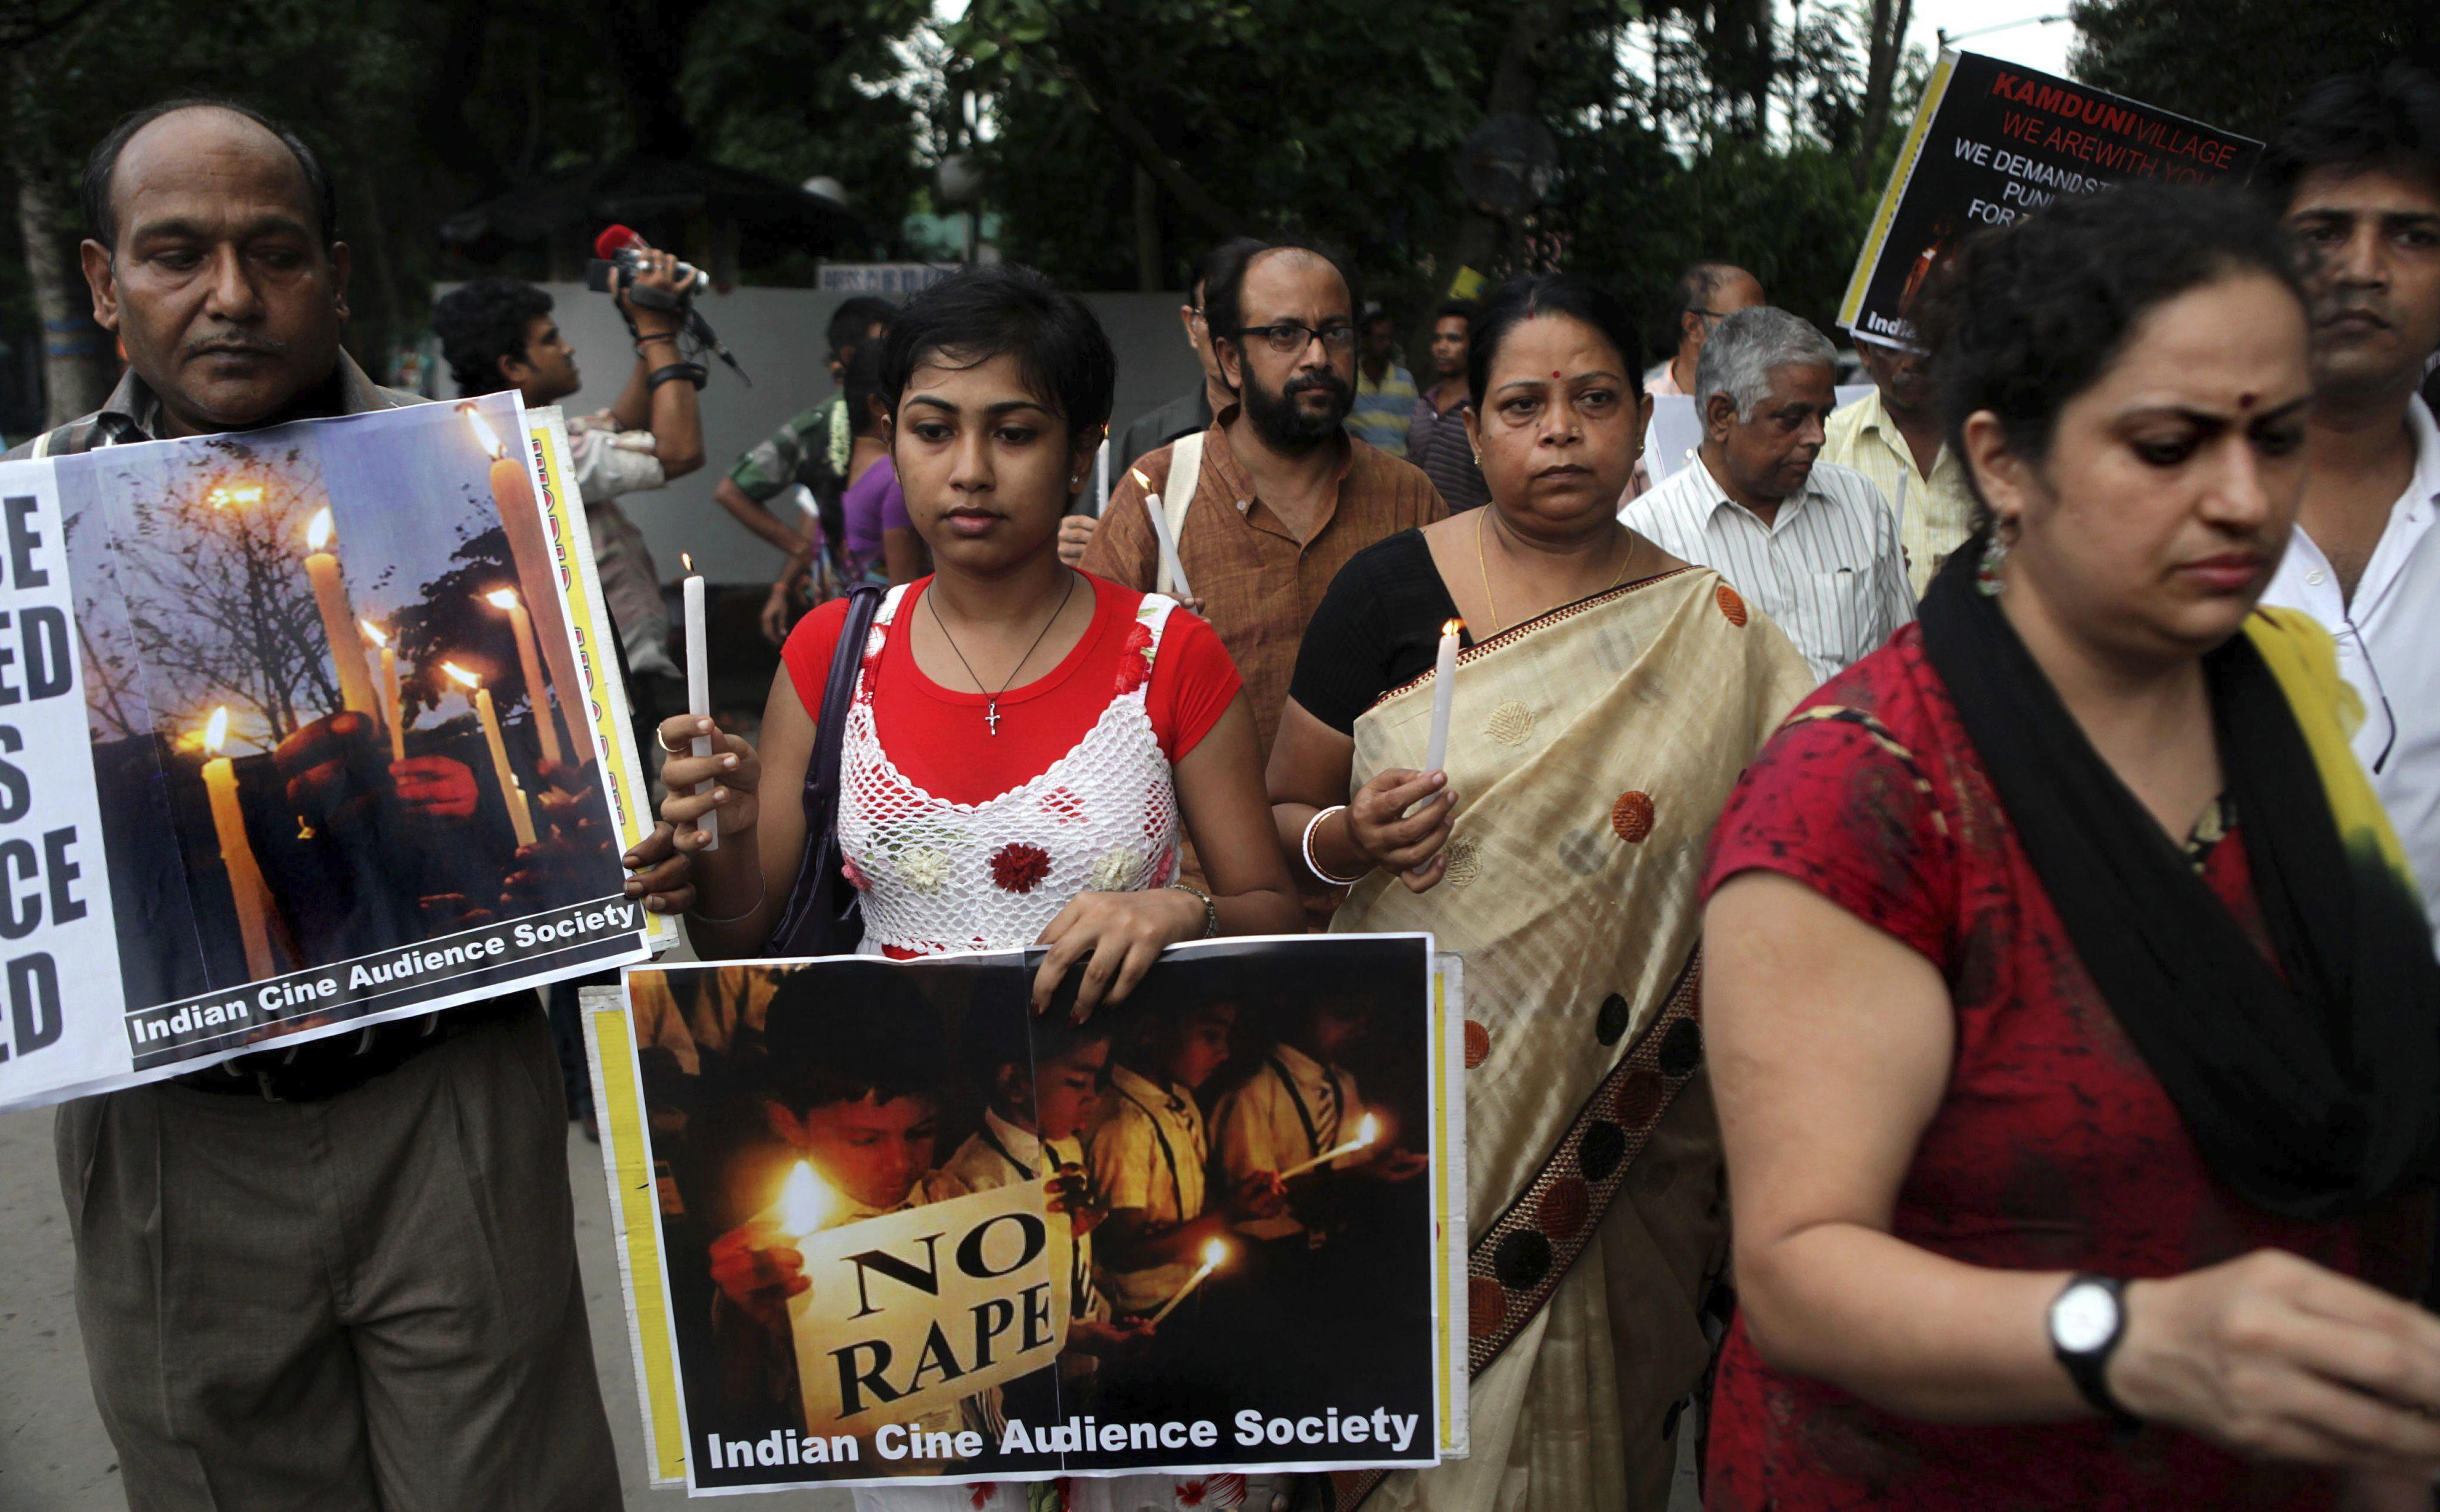 Detenido un profesor por violar supuestamente a 14 niñas en la India